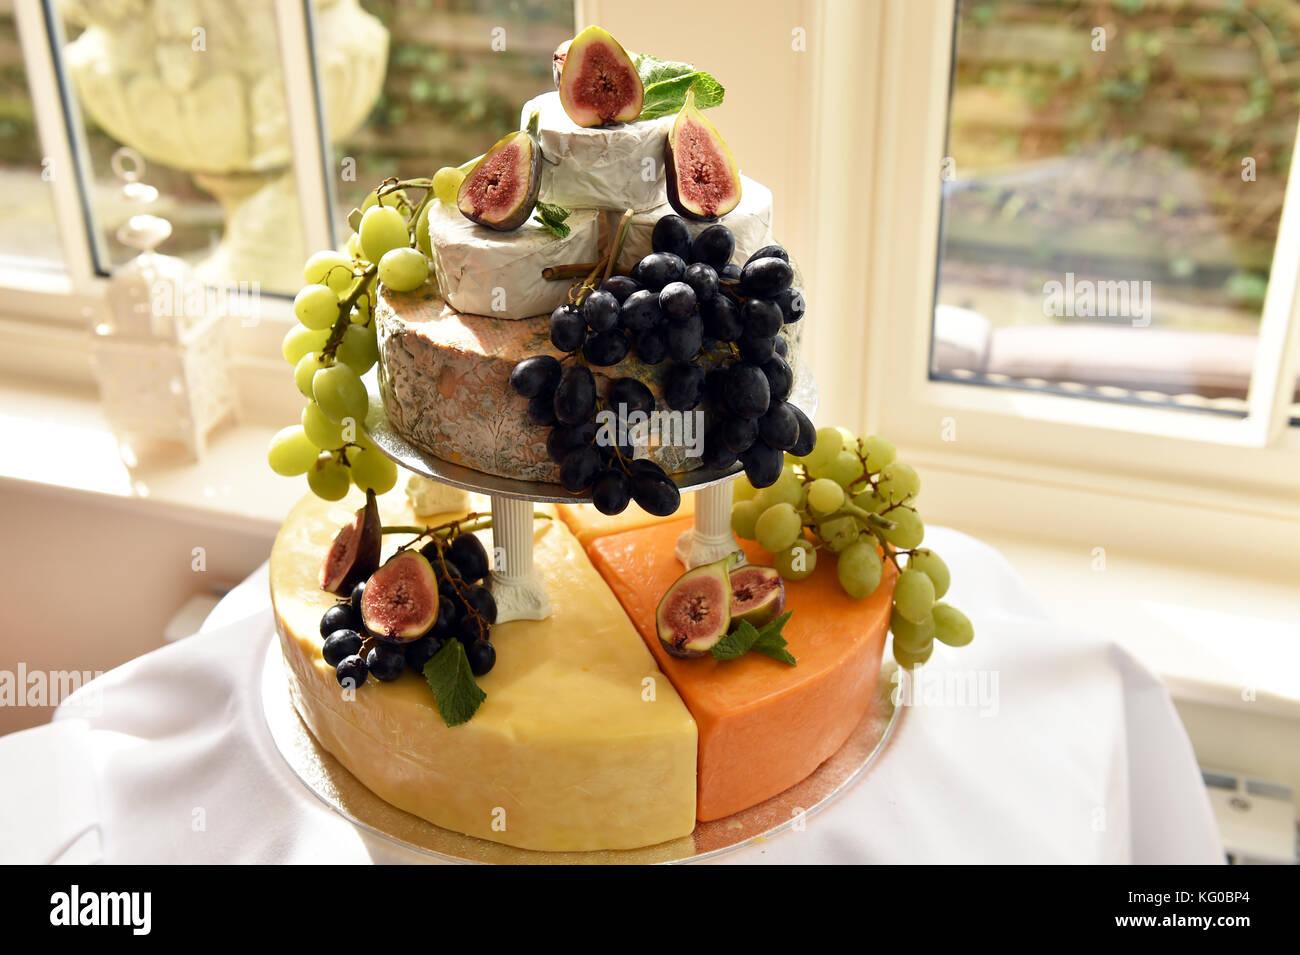 Hochzeitstorte Aus Kase Stockfoto Bild 164737052 Alamy